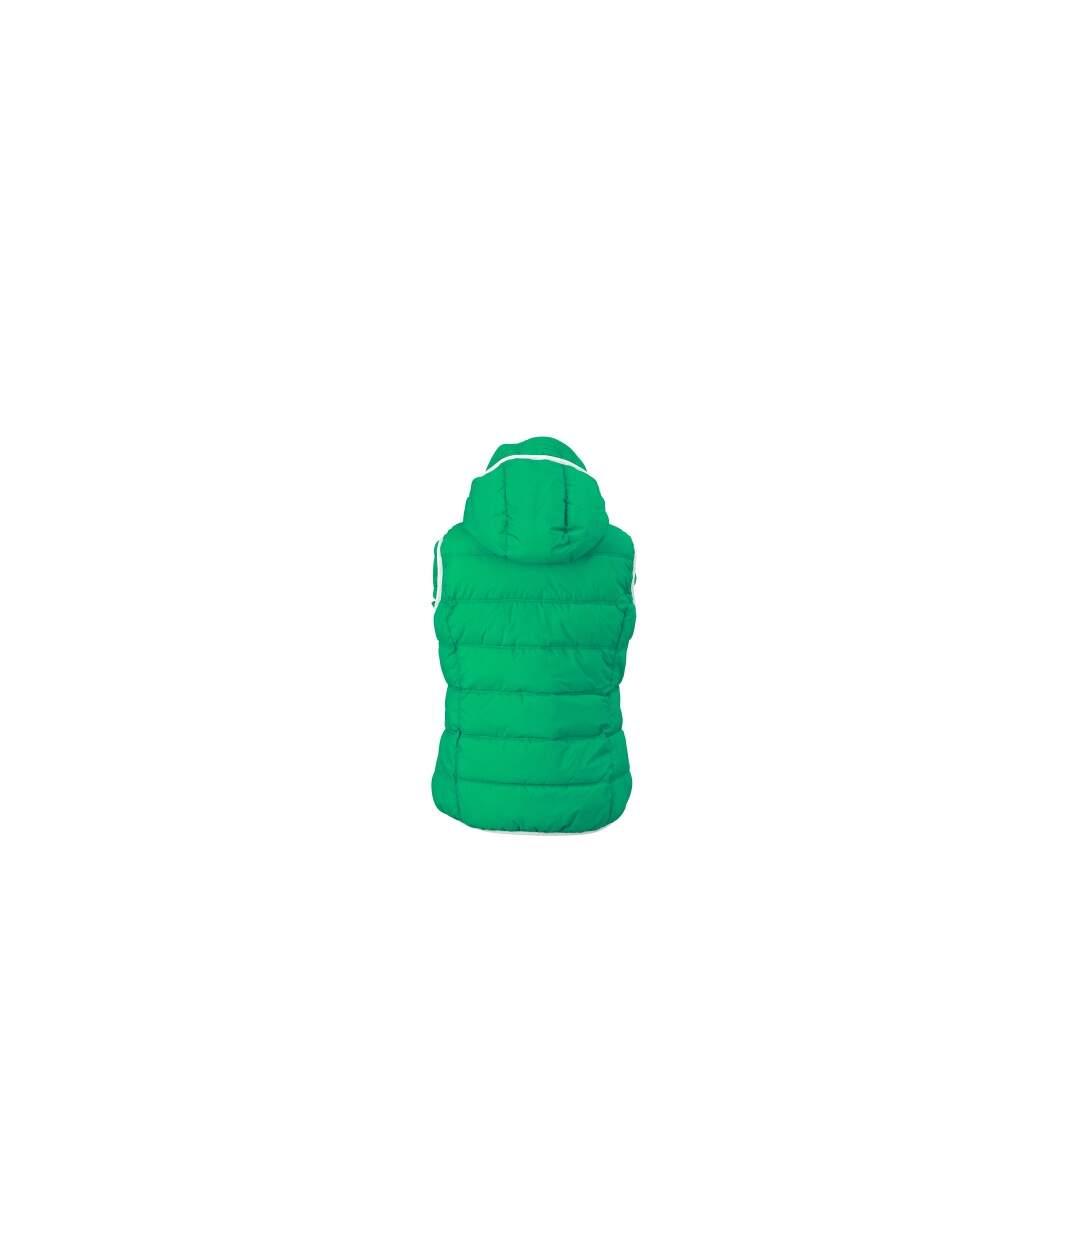 Doudoune sans manches pour femme - JN1075 - vert